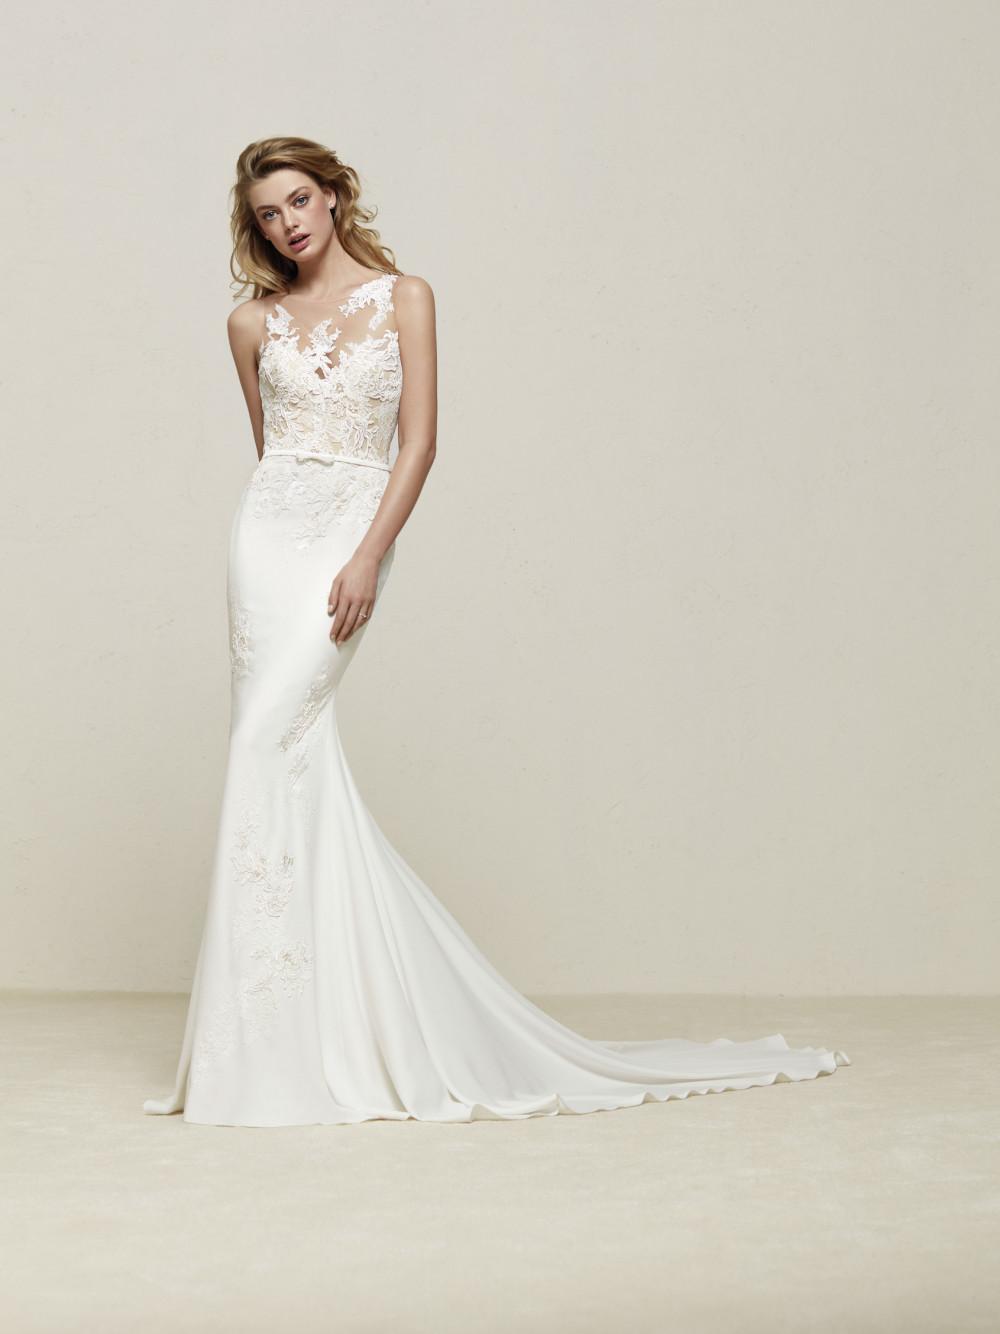 BN Bridal: Pronovias Preview Bridal Collection 2018 - BellaNaija